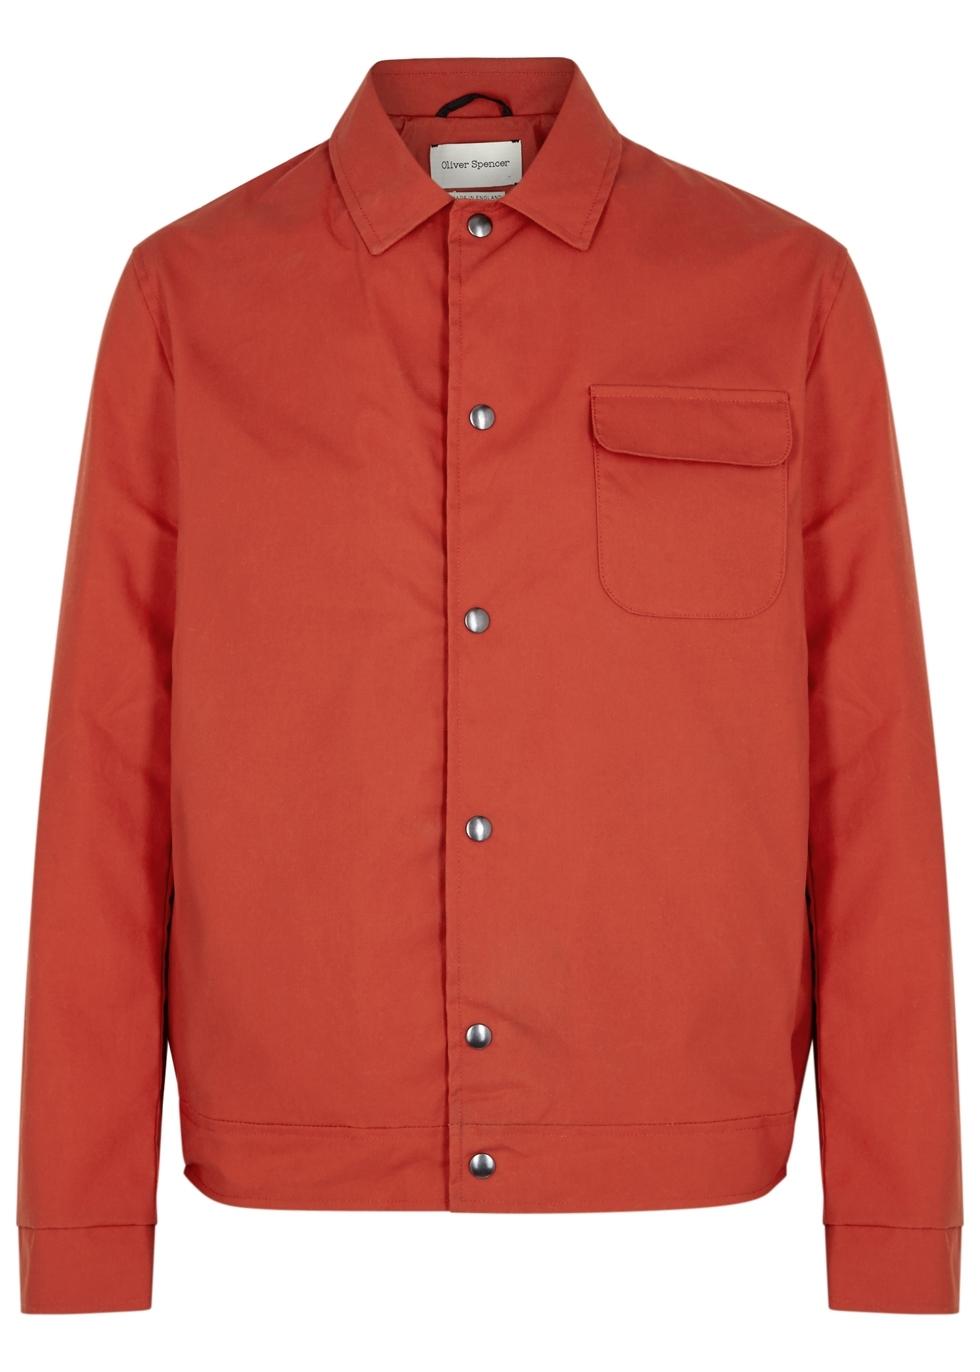 3f6b3b860 Men s Designer Jackets - Winter Jackets for Men - Harvey Nichols